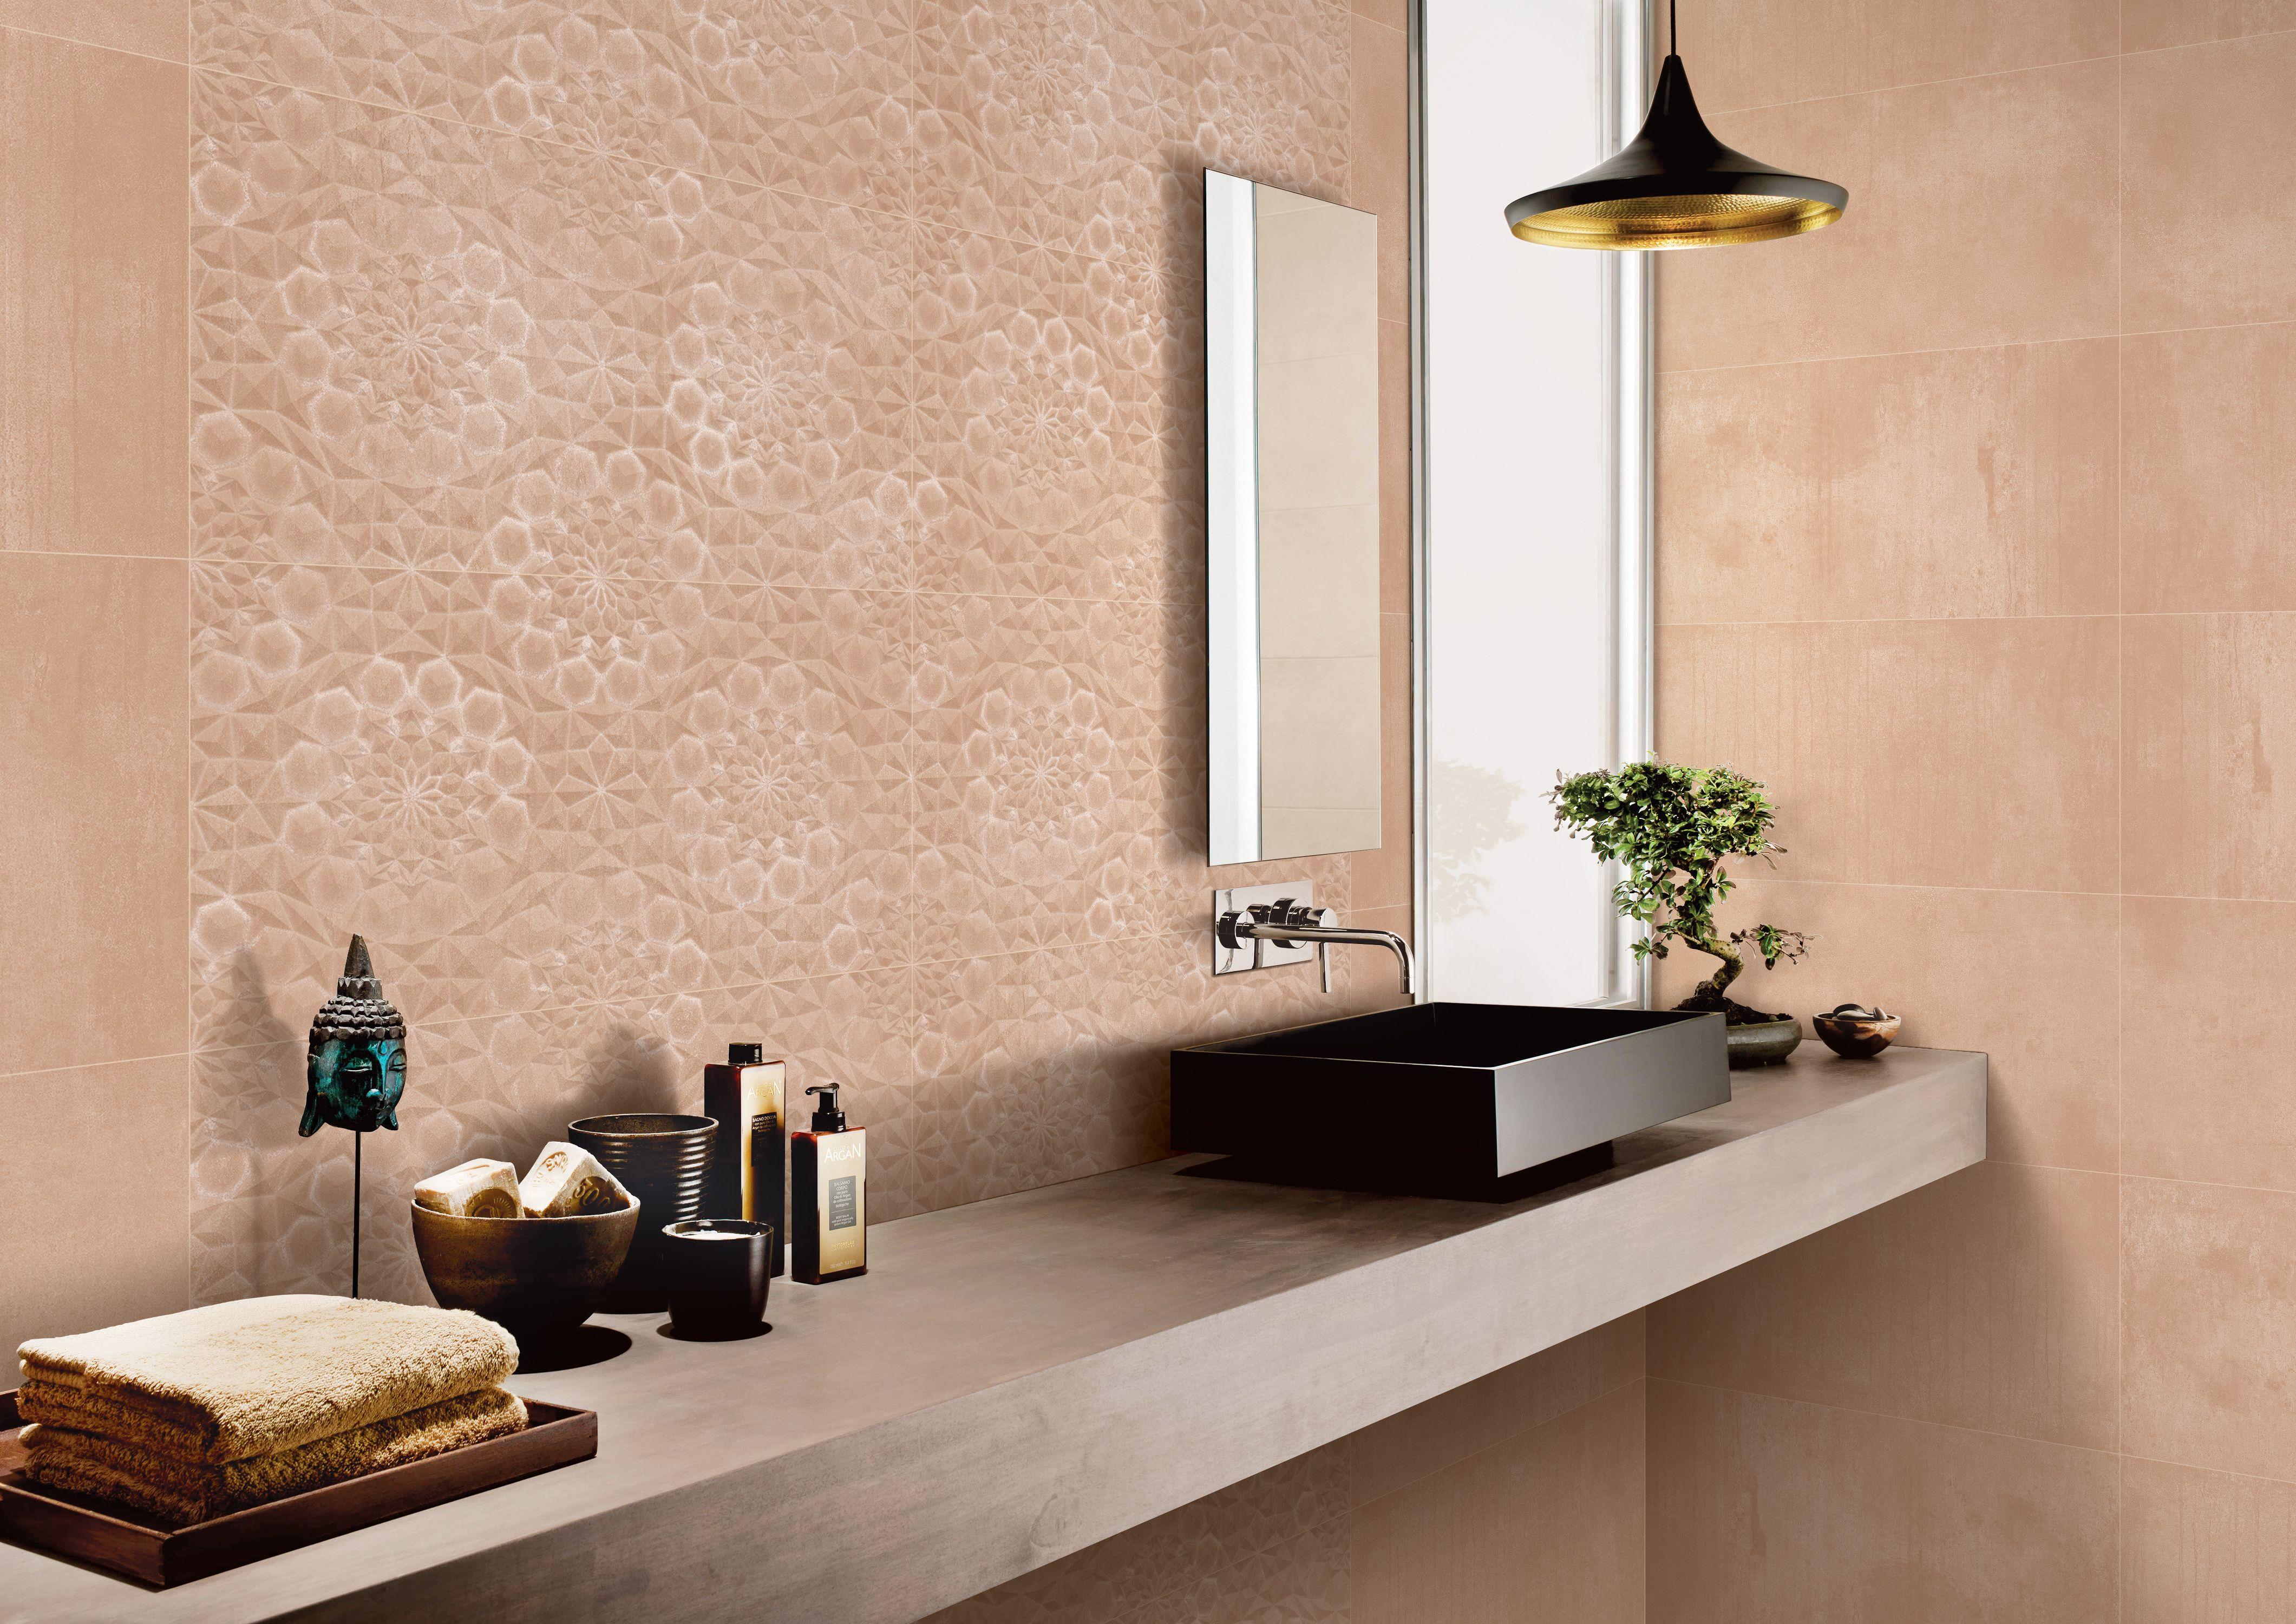 Boonthavorn Bathroom Tiling Ideas Inspiration Wall Tiles Design Home Decor Tile Design